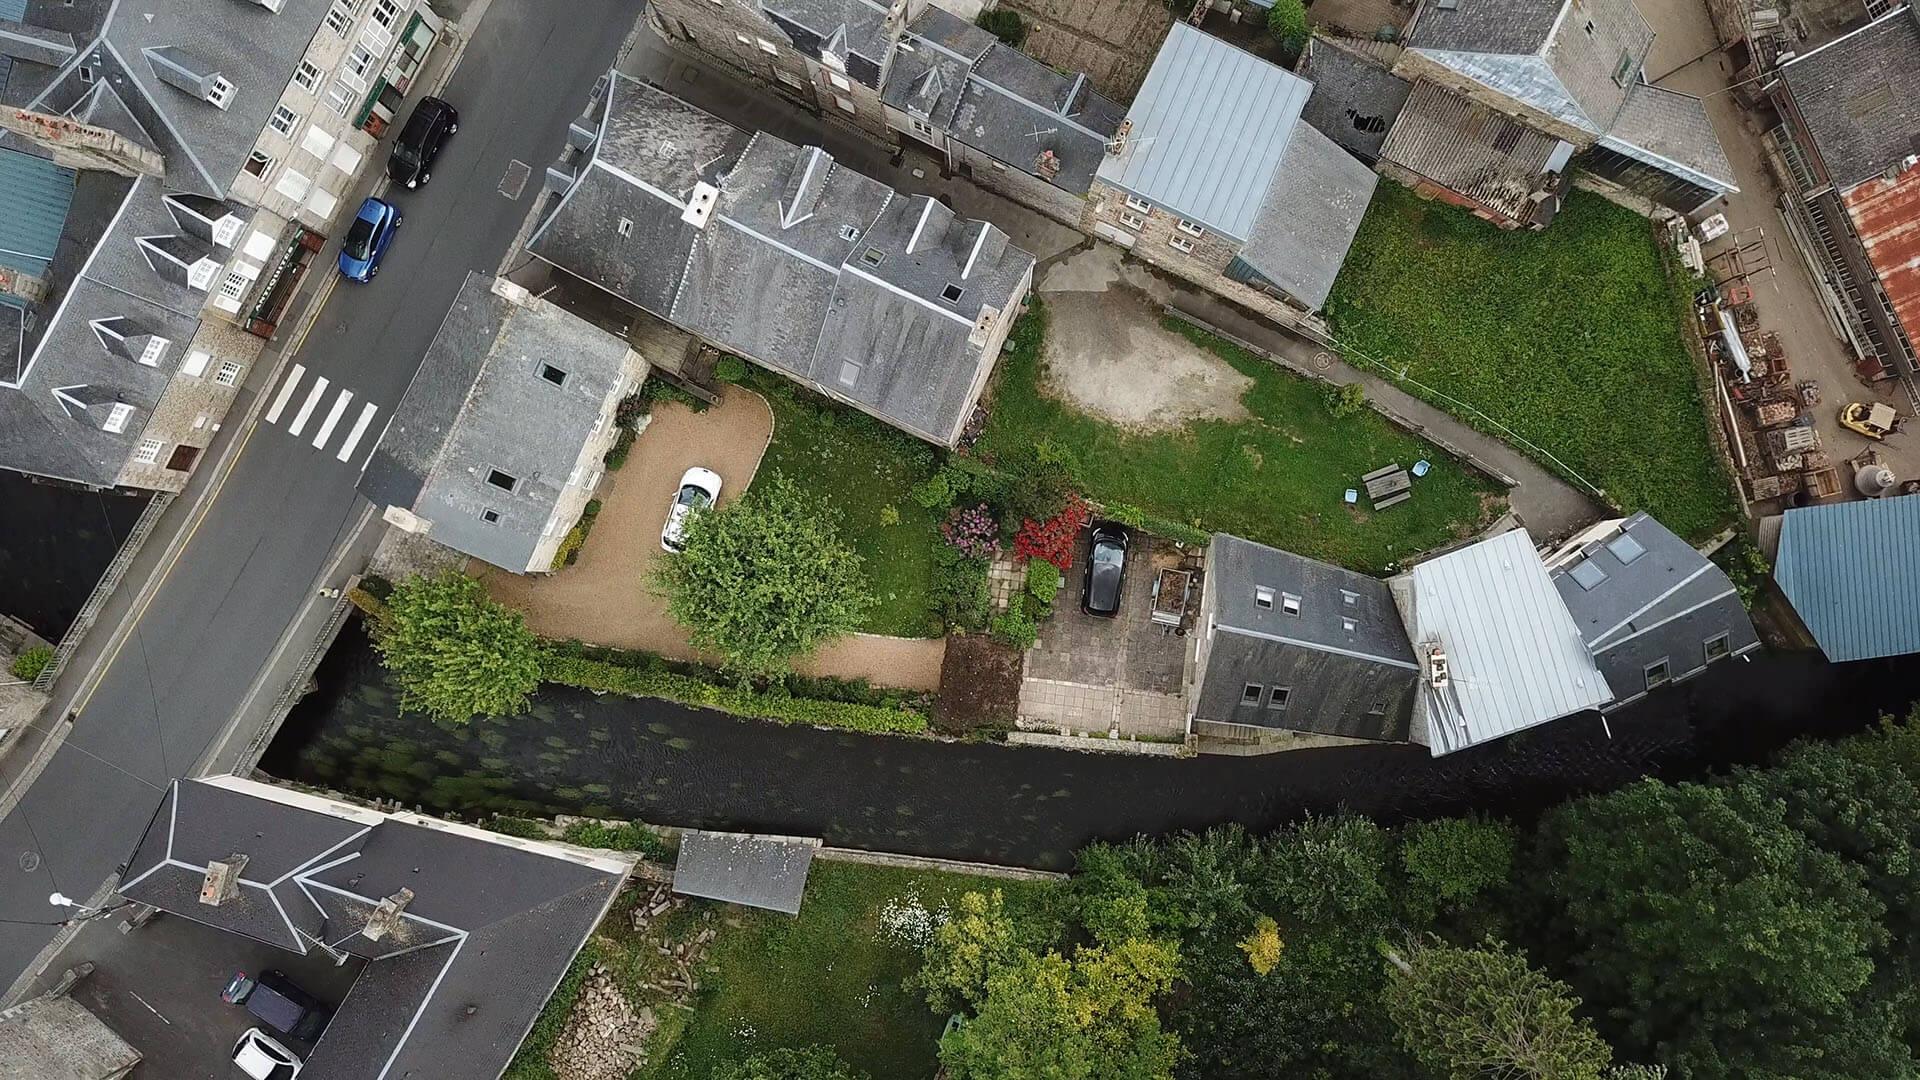 villa de malte drone accueil - GÎTE LA VILLA DE MALTE - Location de Gite La Clef Decamp - Laclefdecamp.fr